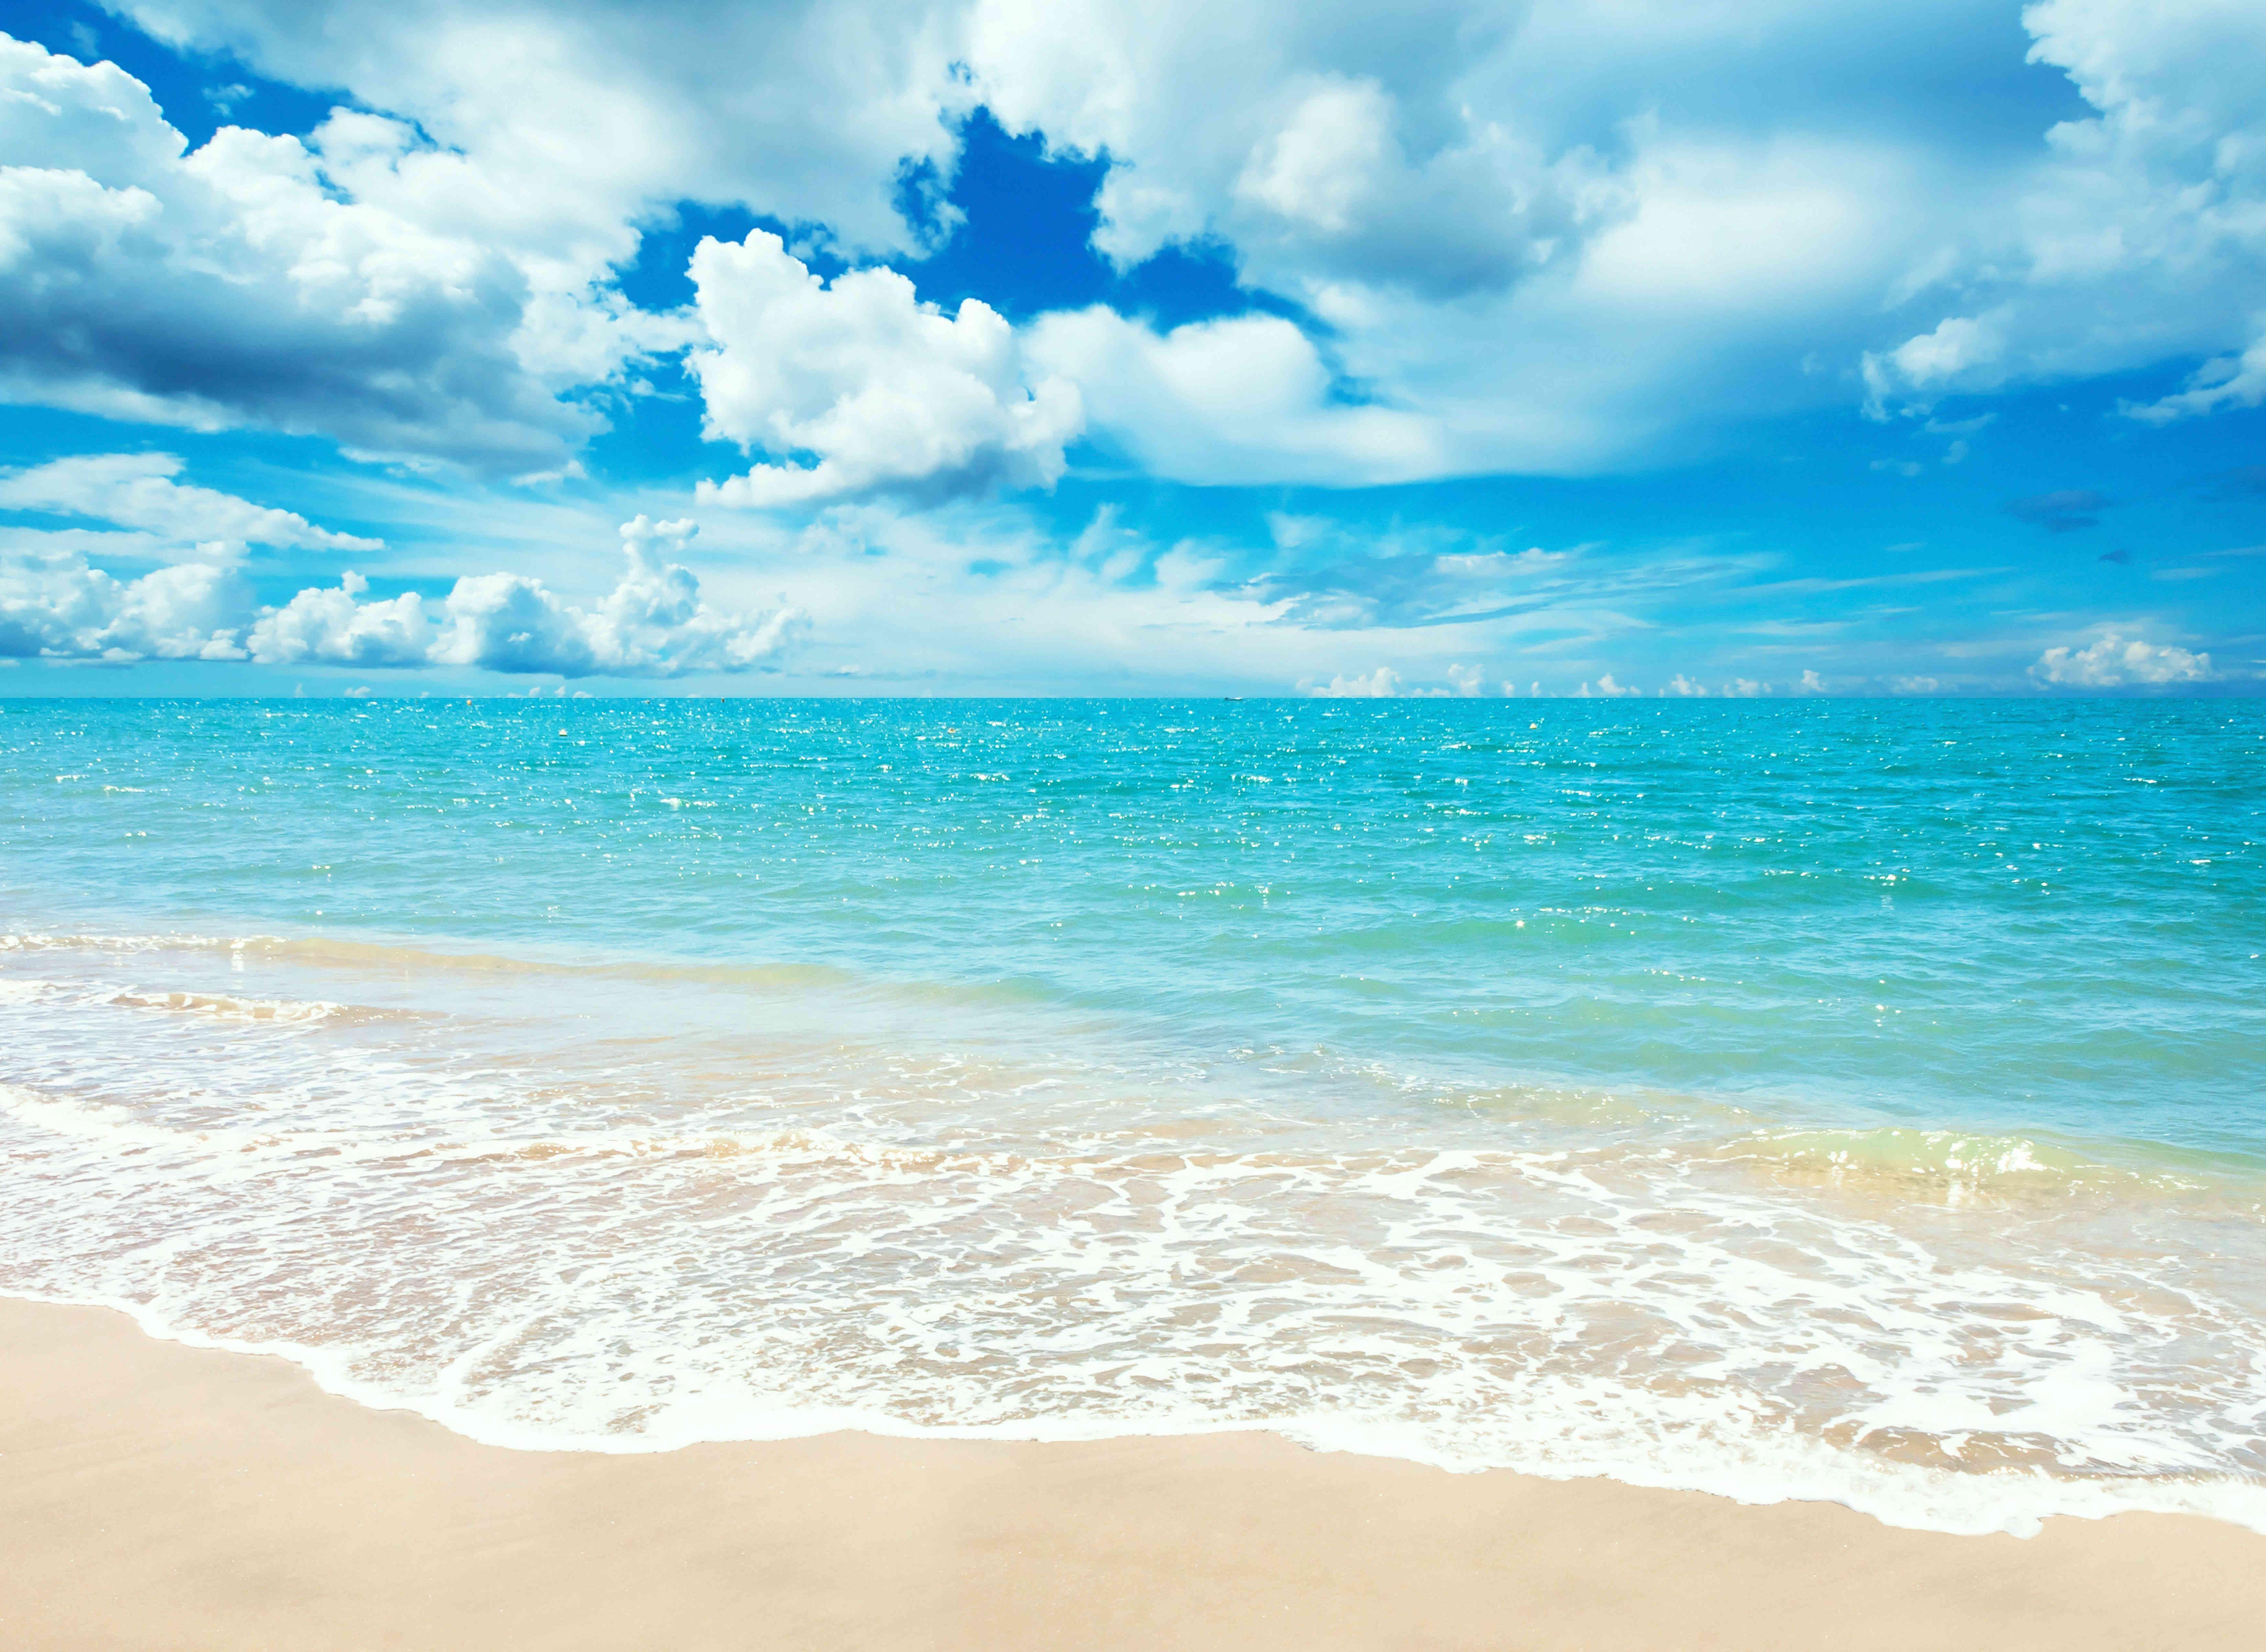 пляжи, белый пеоск